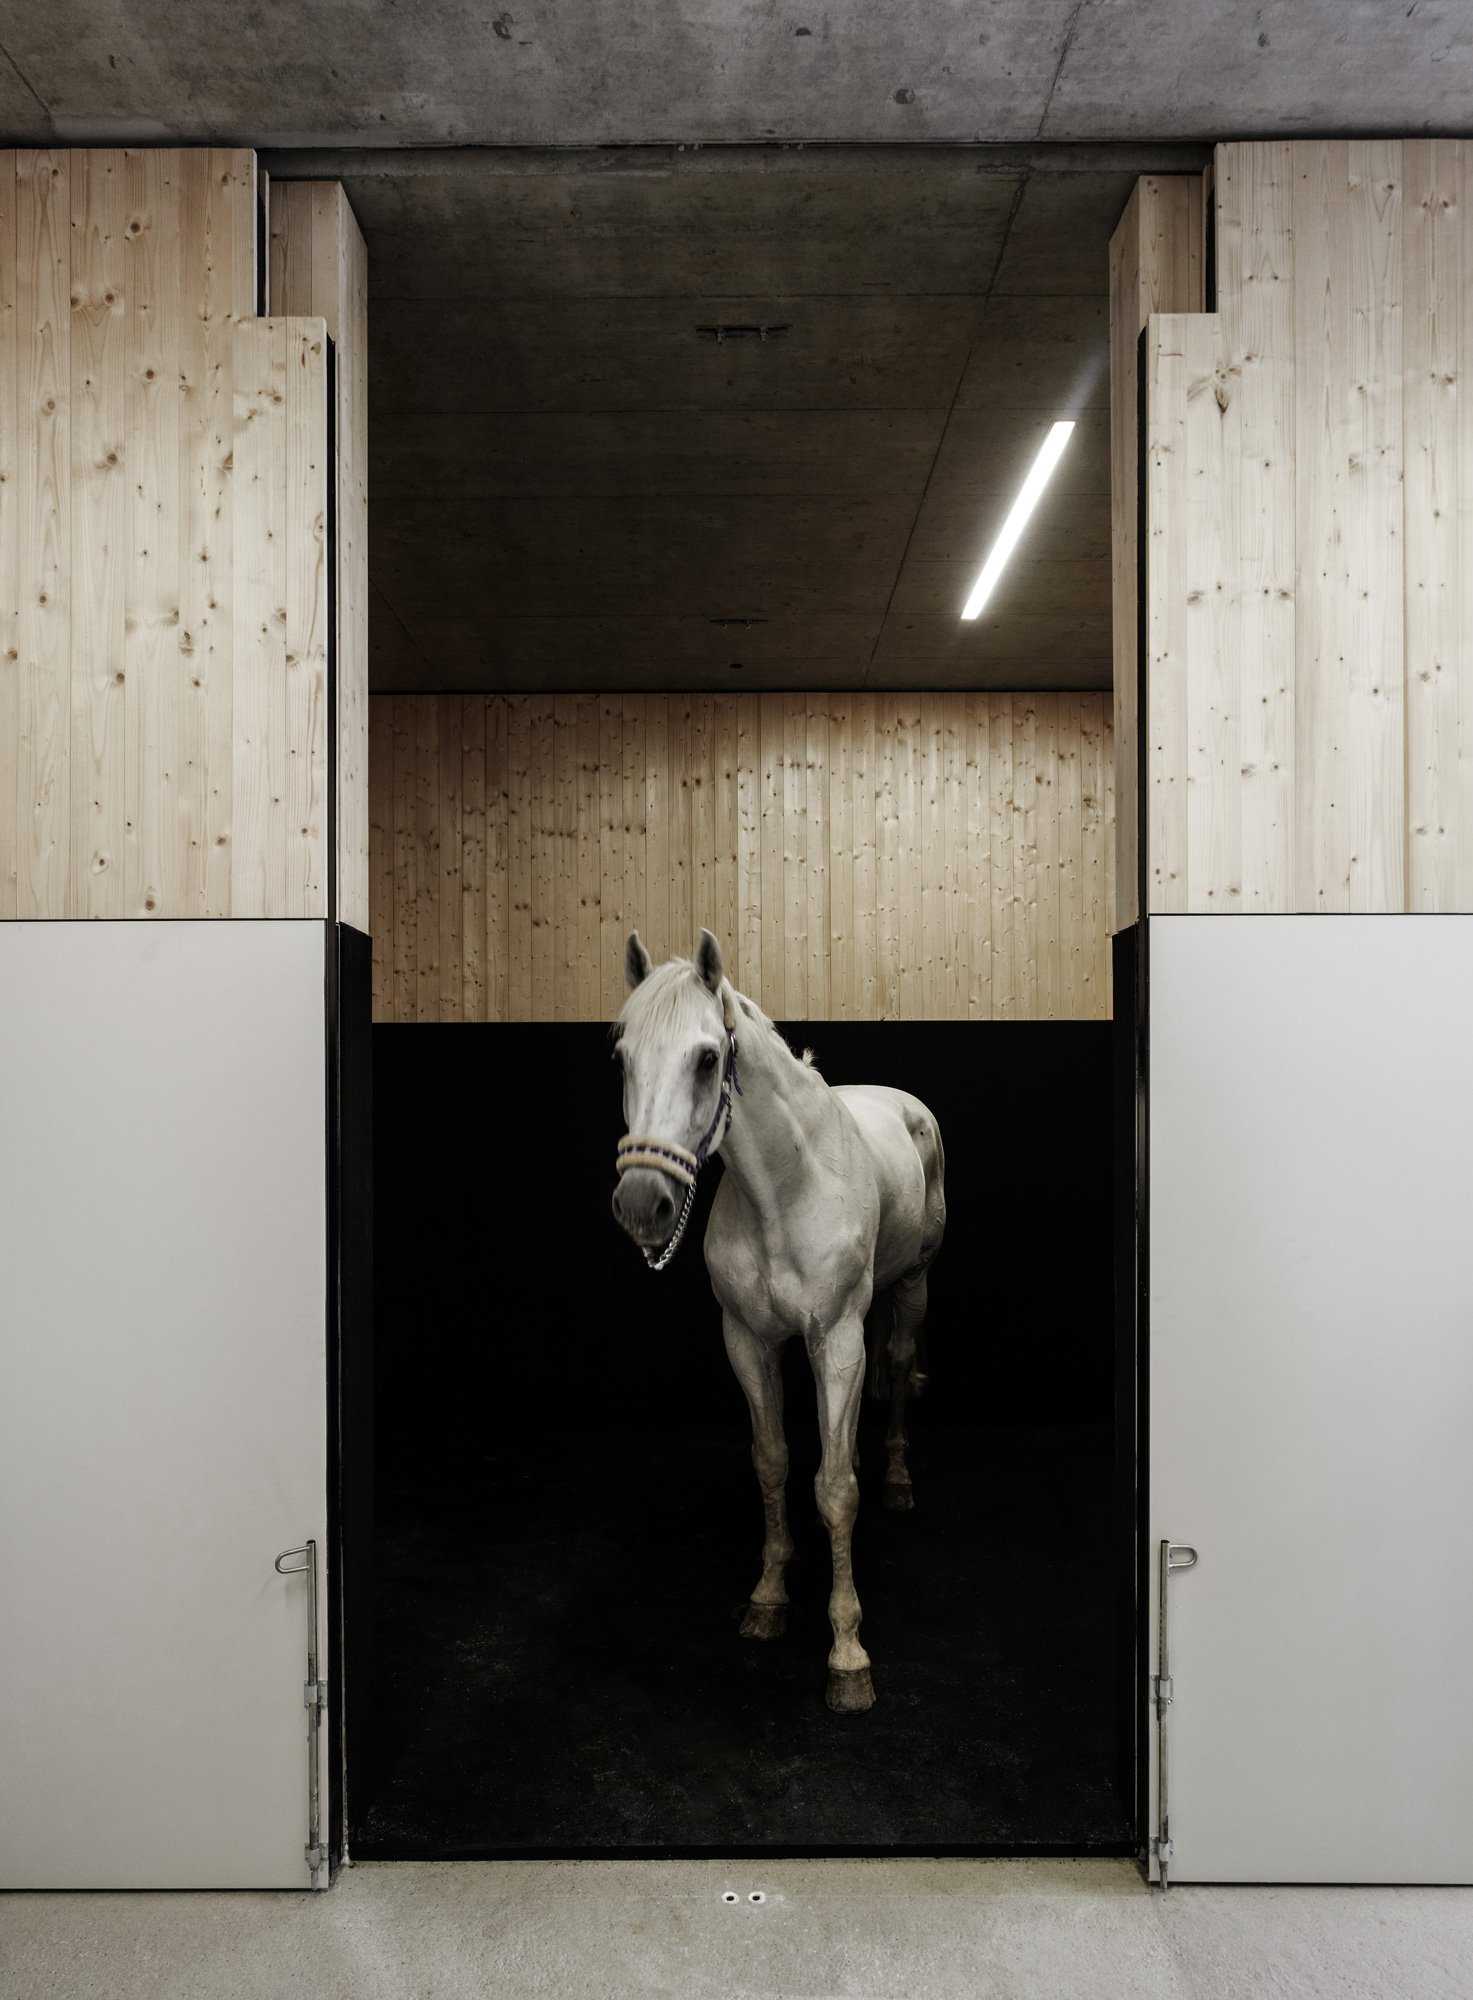 Centro veterinario equino Griss di Marte.Marte Architekten © Marc Lins